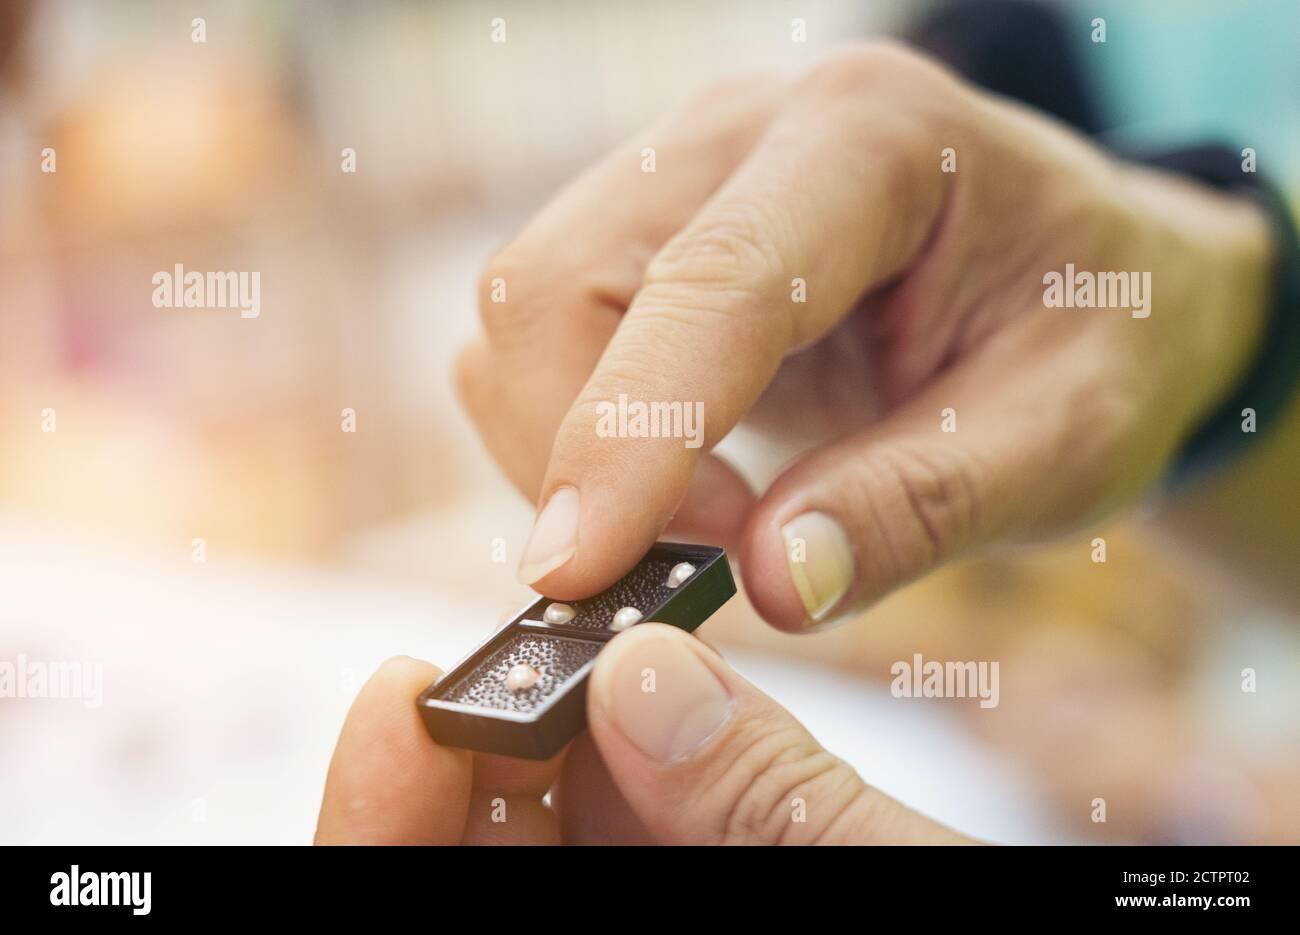 primer plano mano toque dominó abultamiento juego estrategia de mano para ciegos Foto de stock